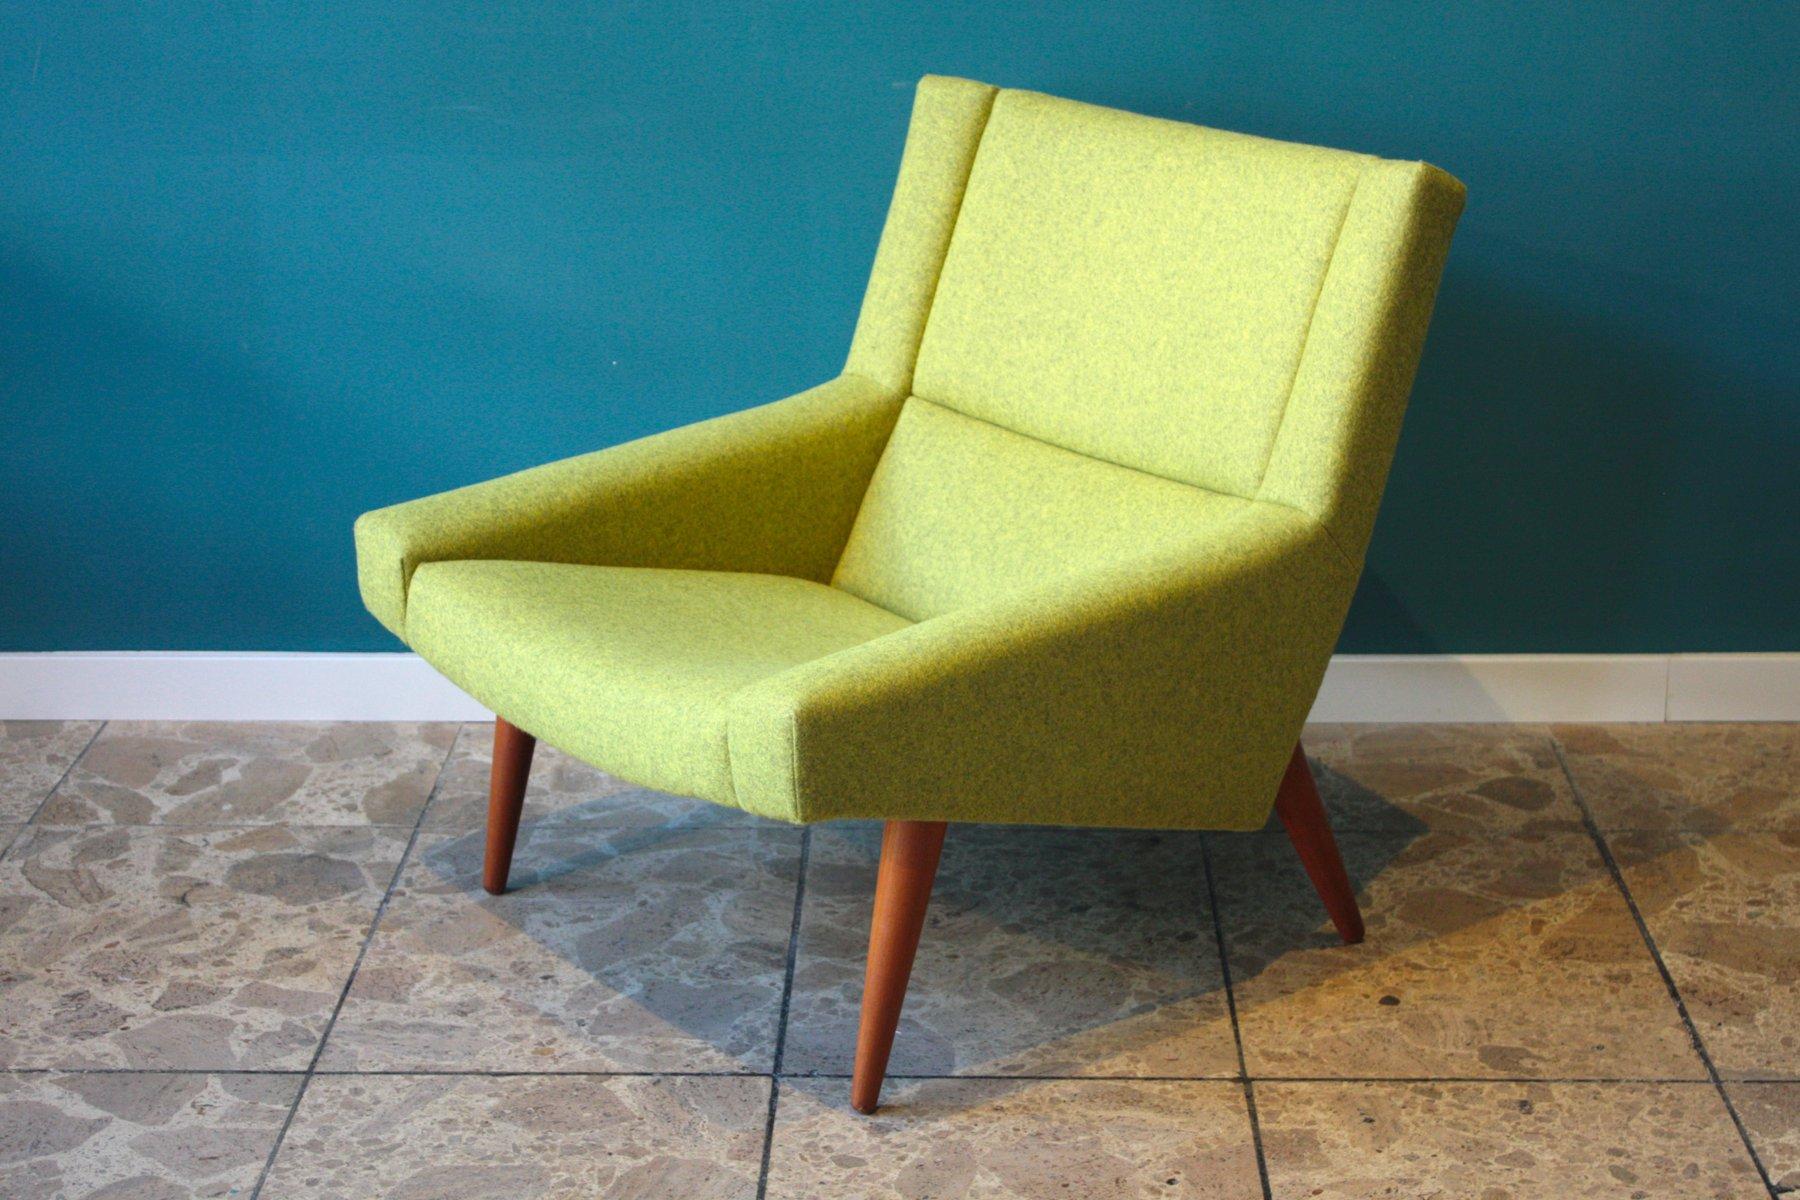 Grüner Dänischer Mid-Century Modell 50 Sessel von Illum Wikkelso für S...